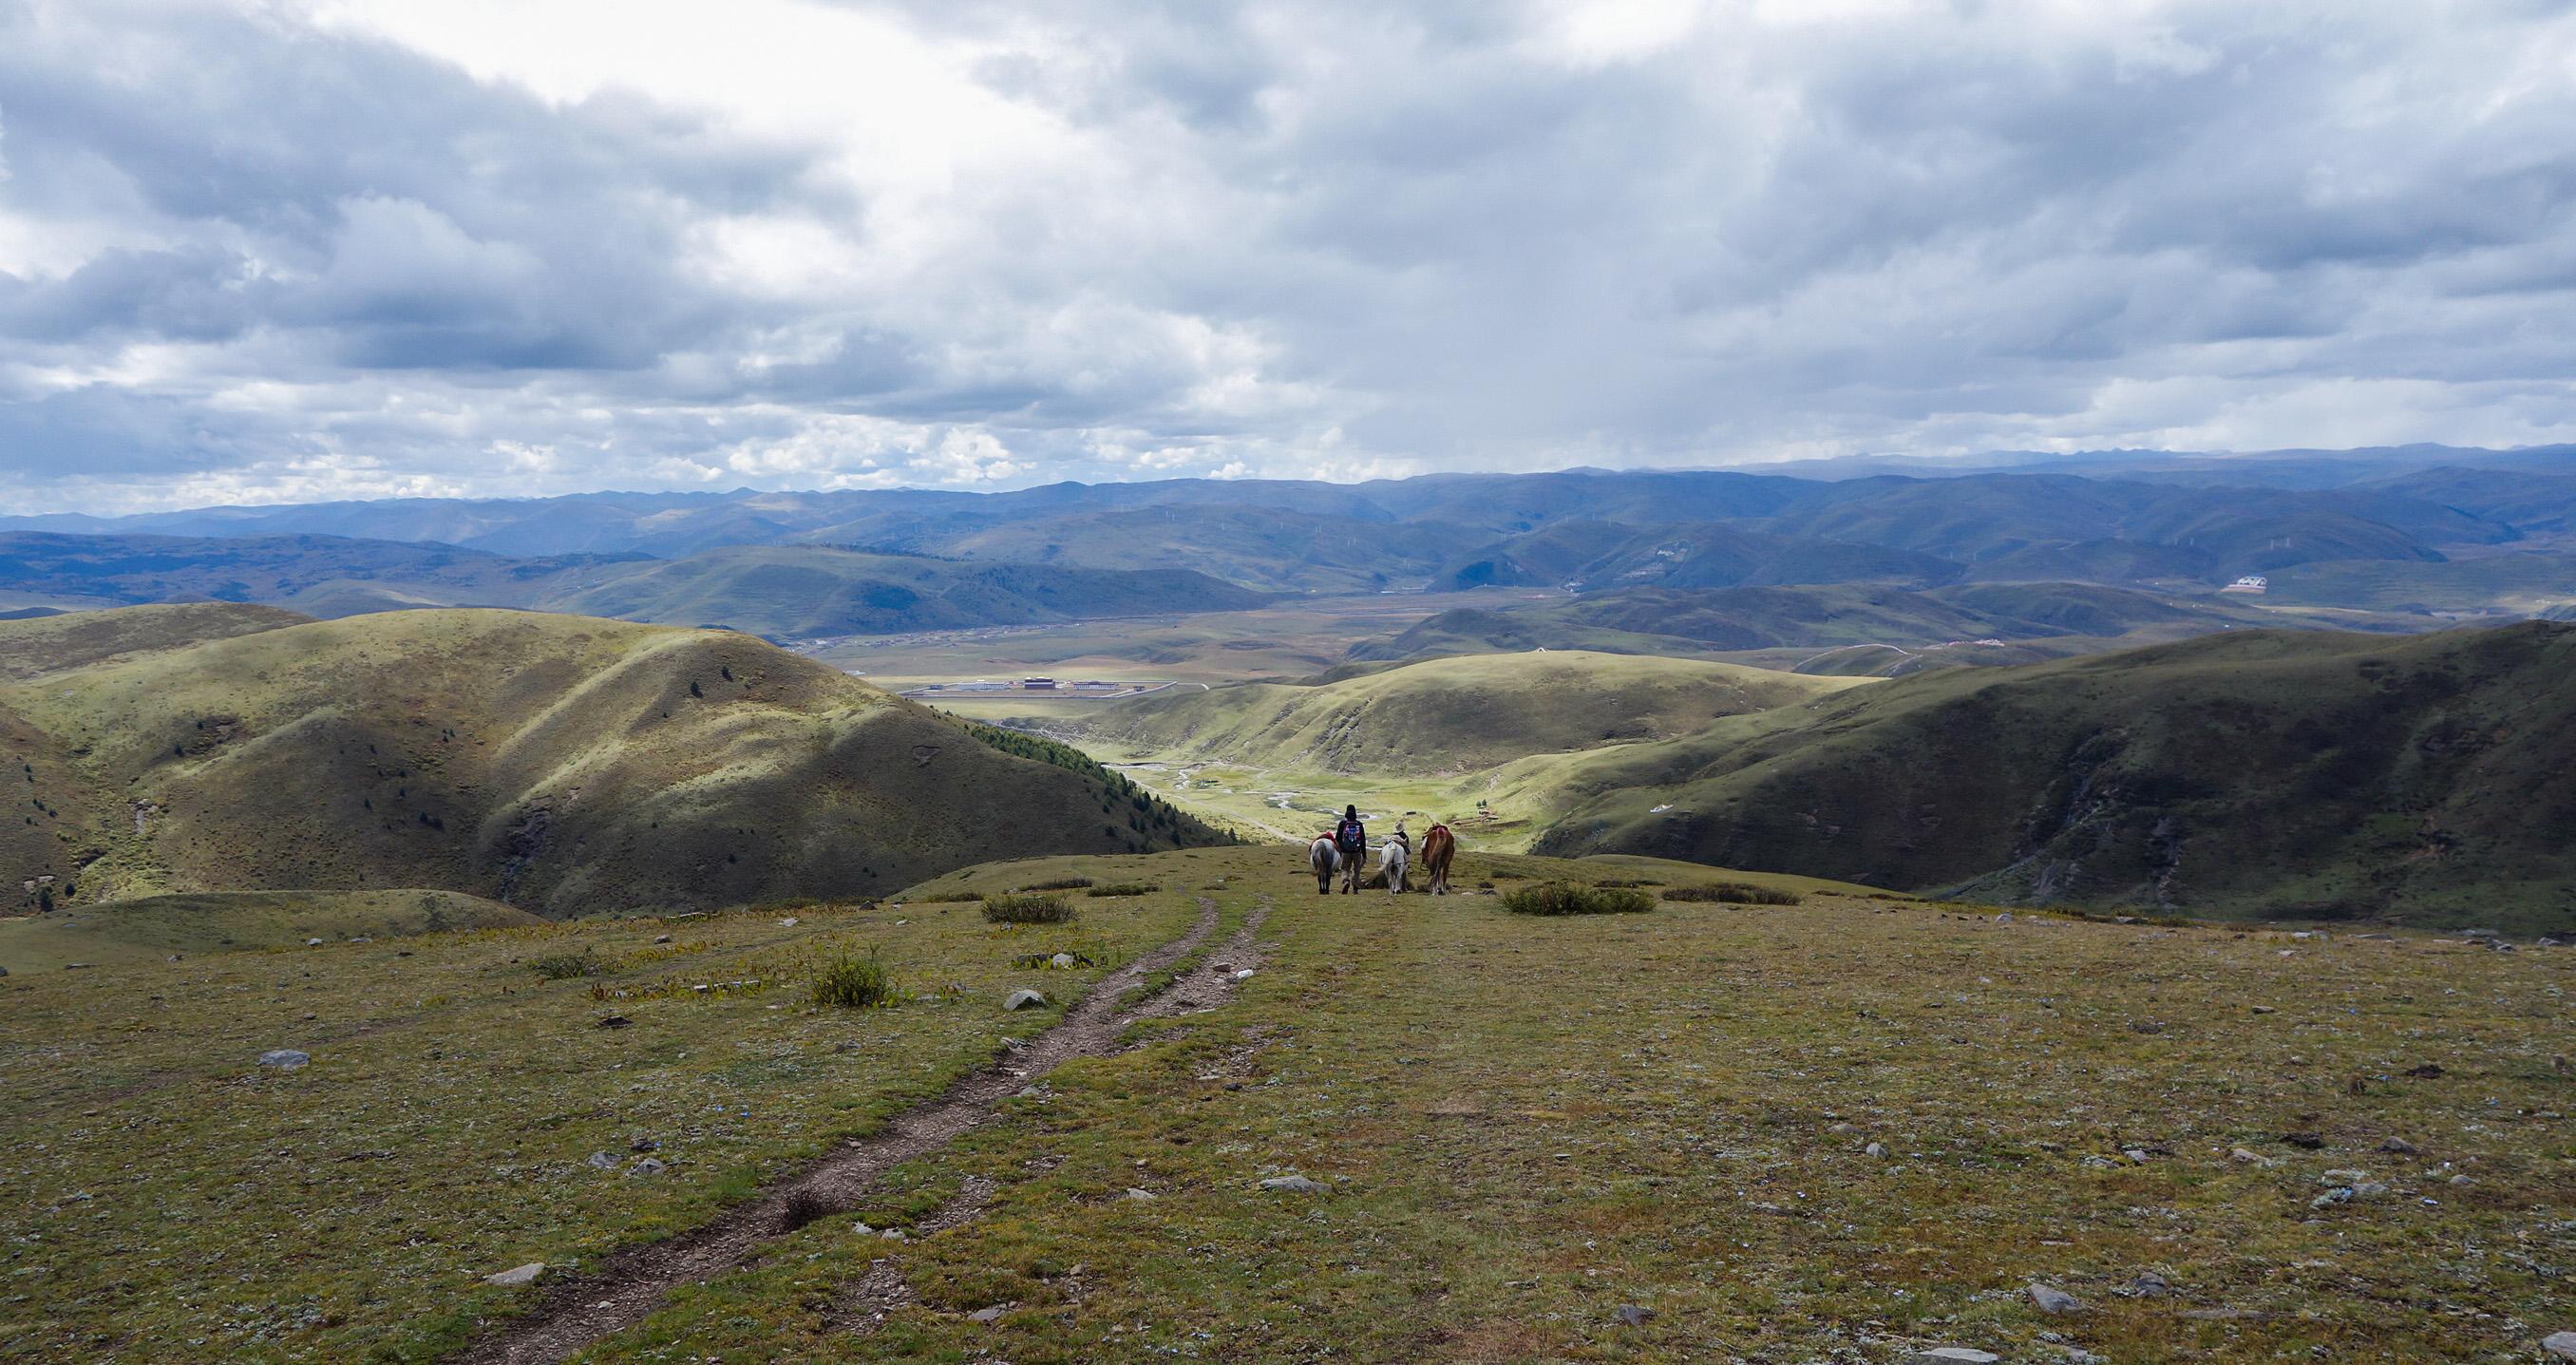 Trekk à cheval sur les hauts plateaux tibétains